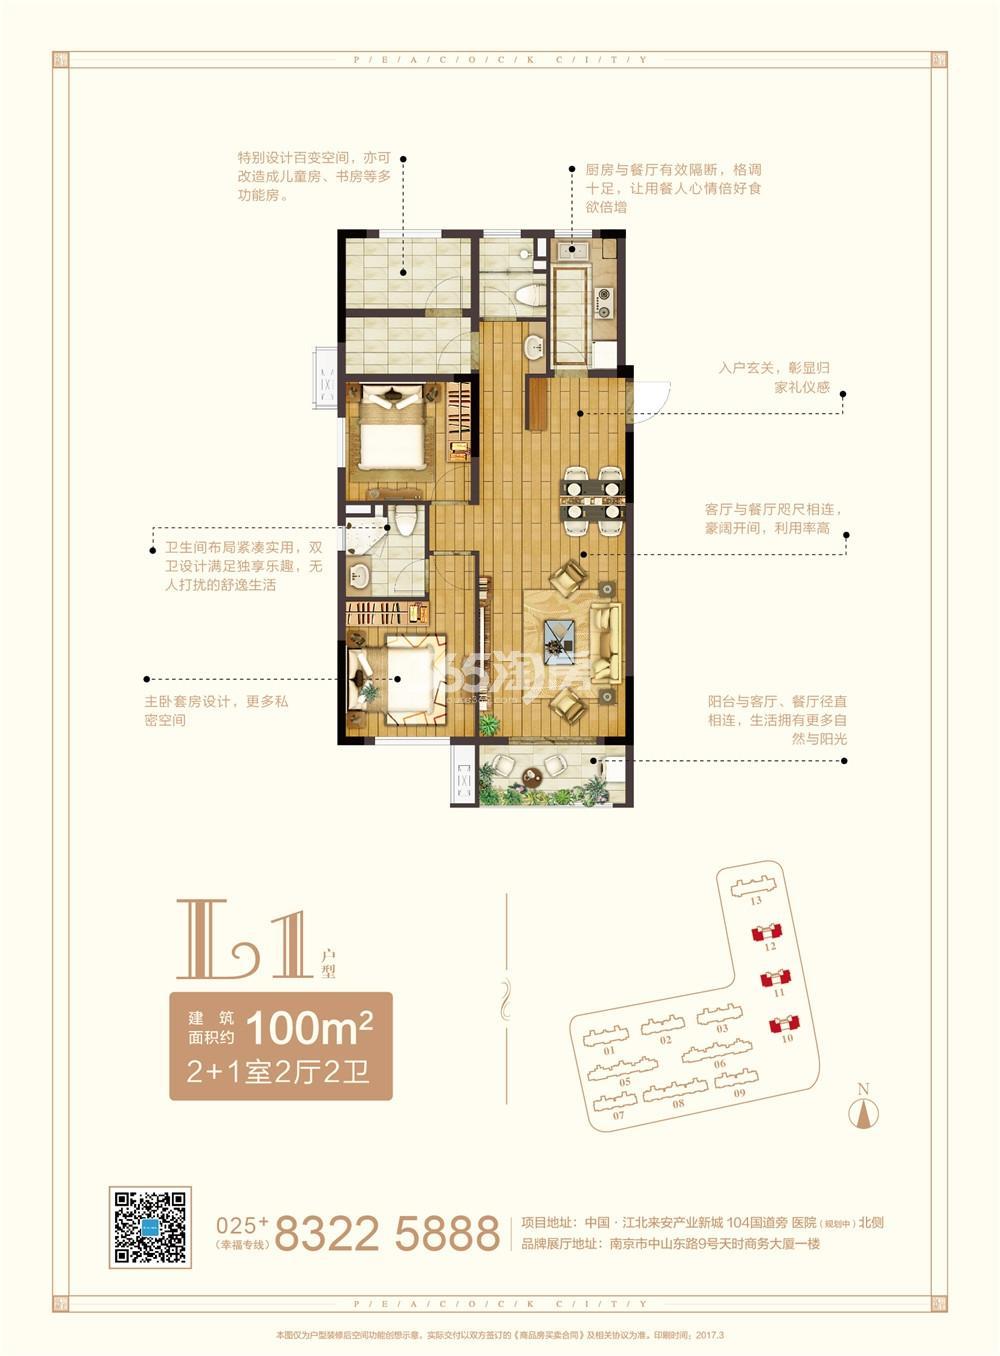 新江北孔雀城三期高层L1户型图